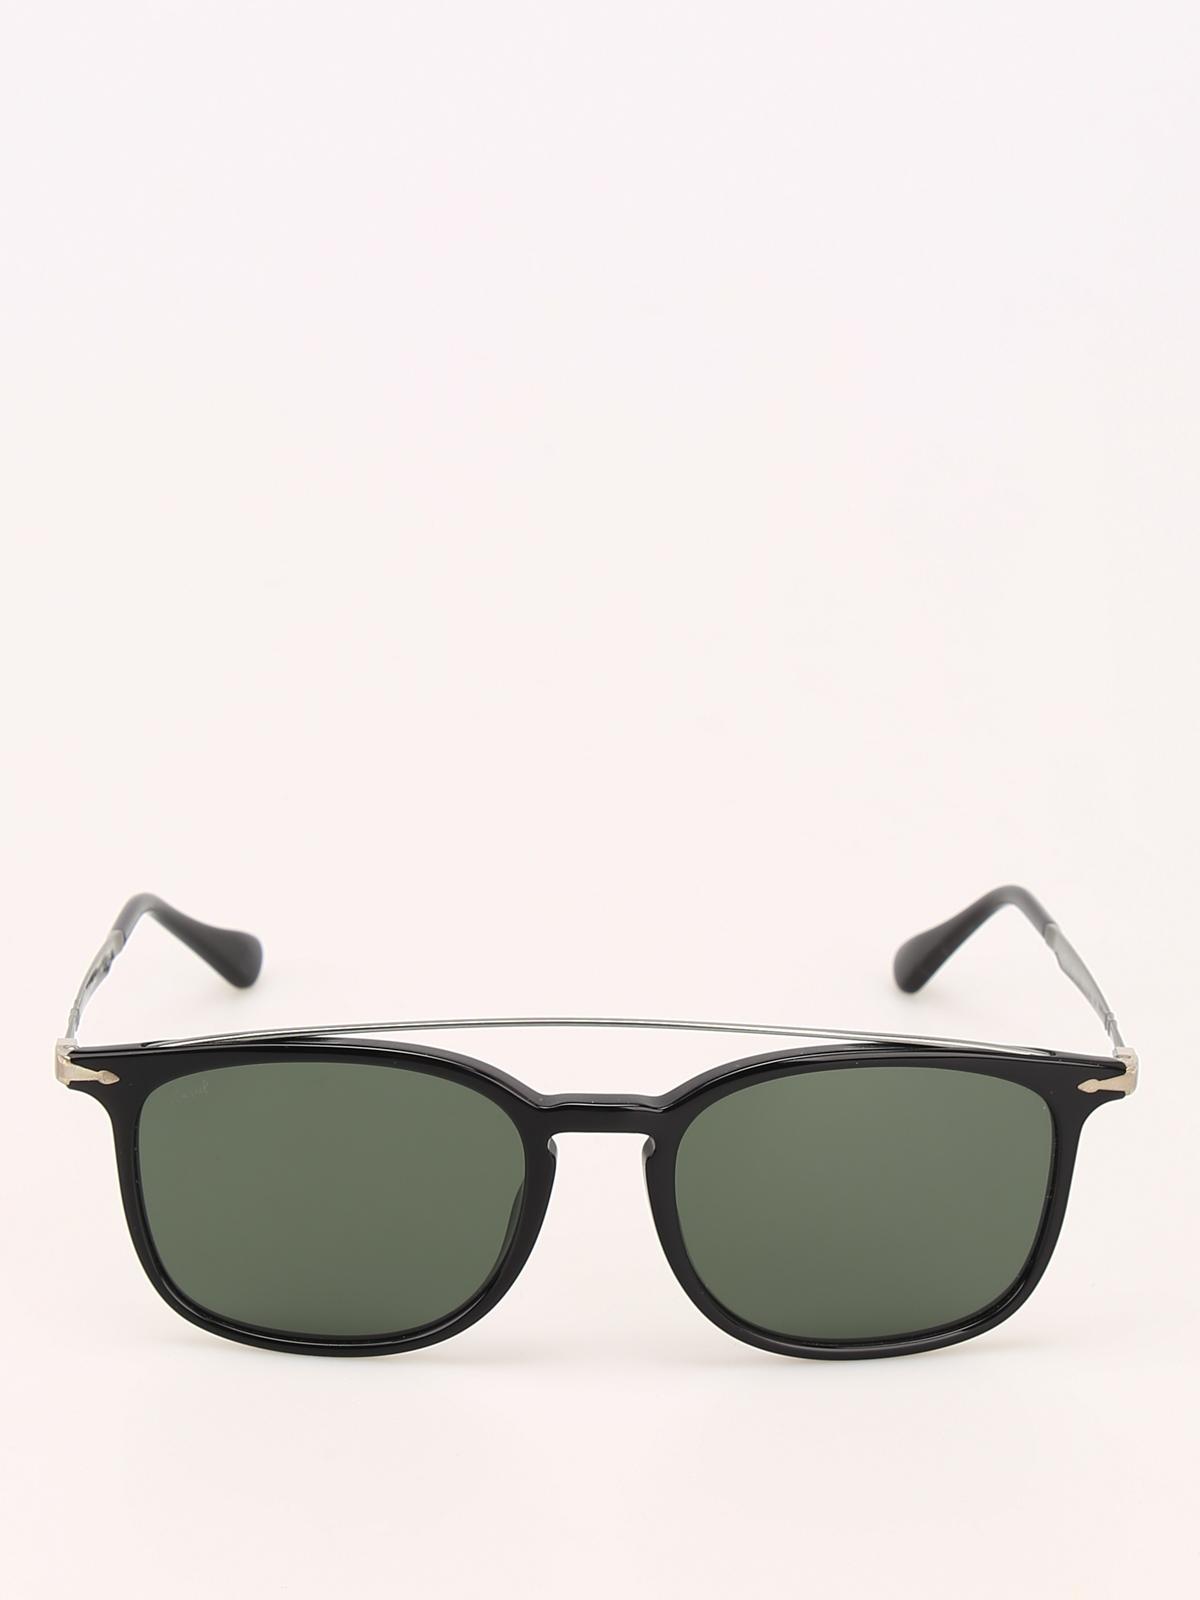 5f6ed25bb297b Persol - Calligrapher Edition sunglasses - sunglasses - 3173S9531